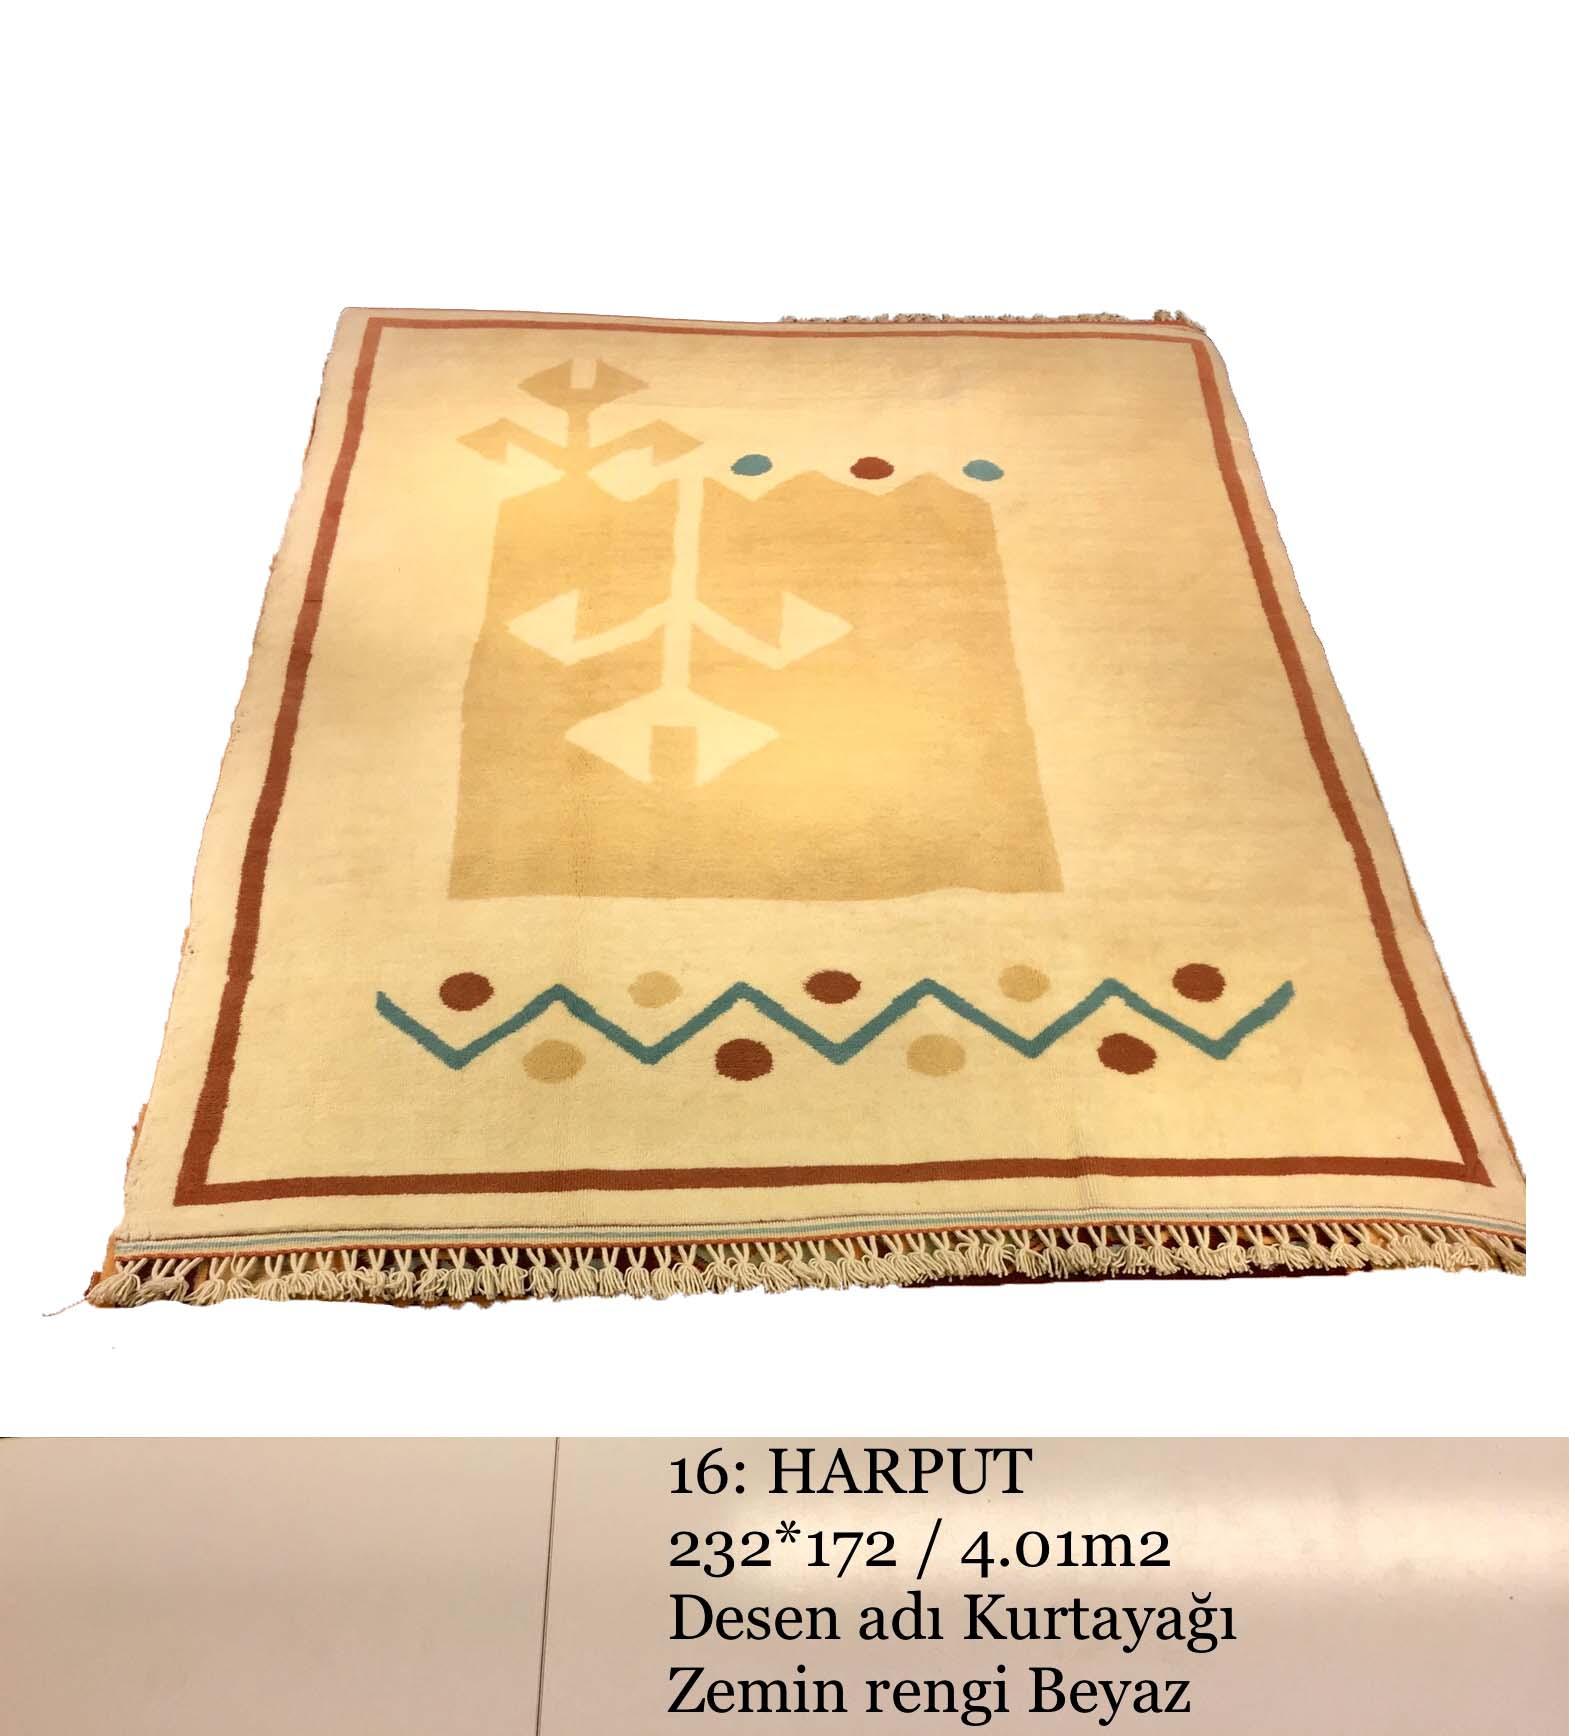 Harput El Dokuma Halısı 16